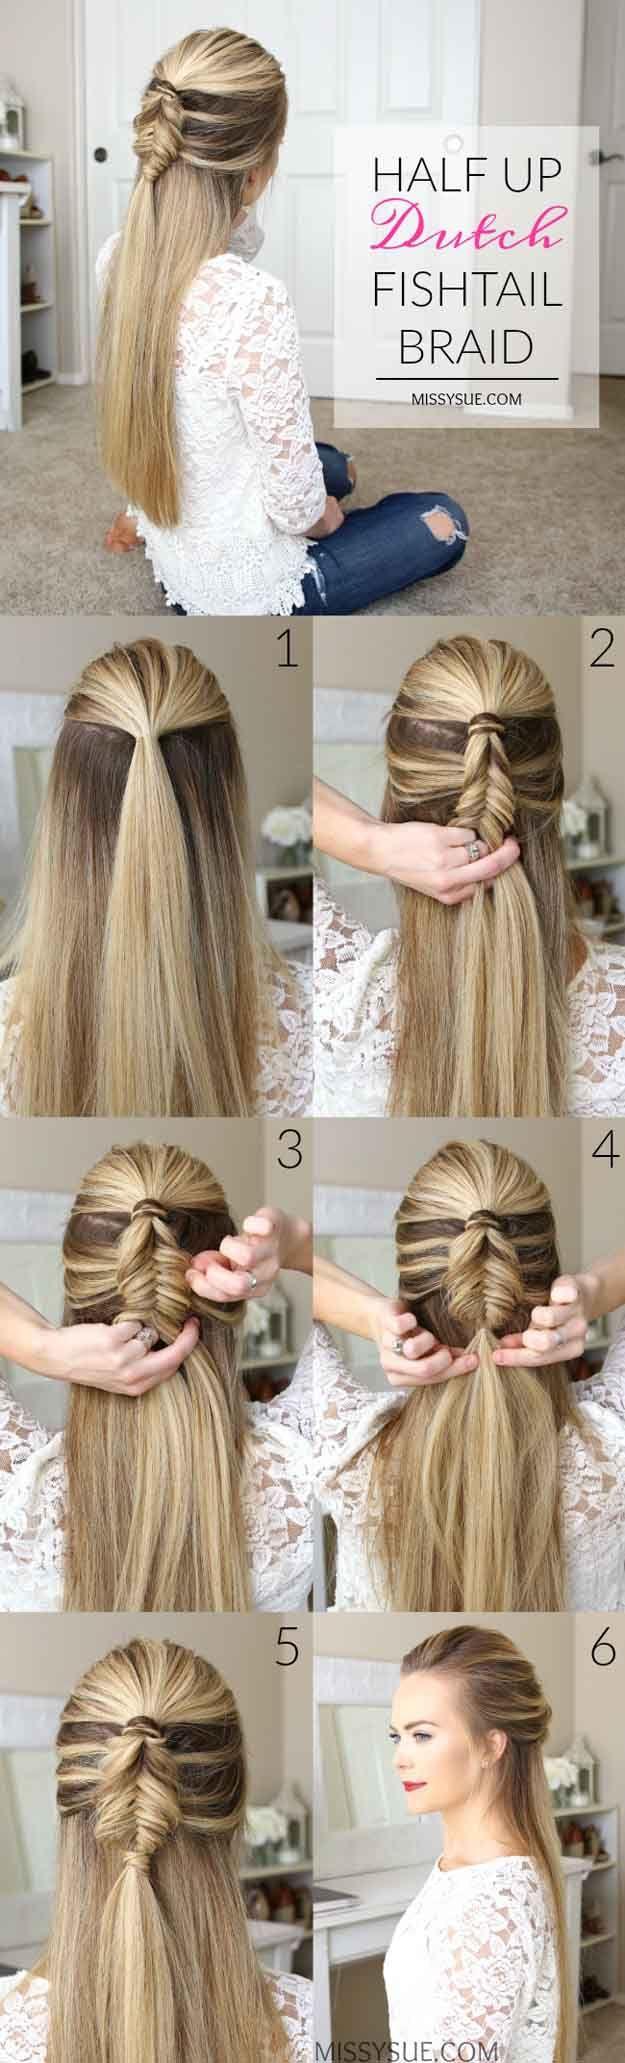 Best Hair Braiding Tutorials - Half Up Mini Dutch Fishtail Braid - Step By Step ...